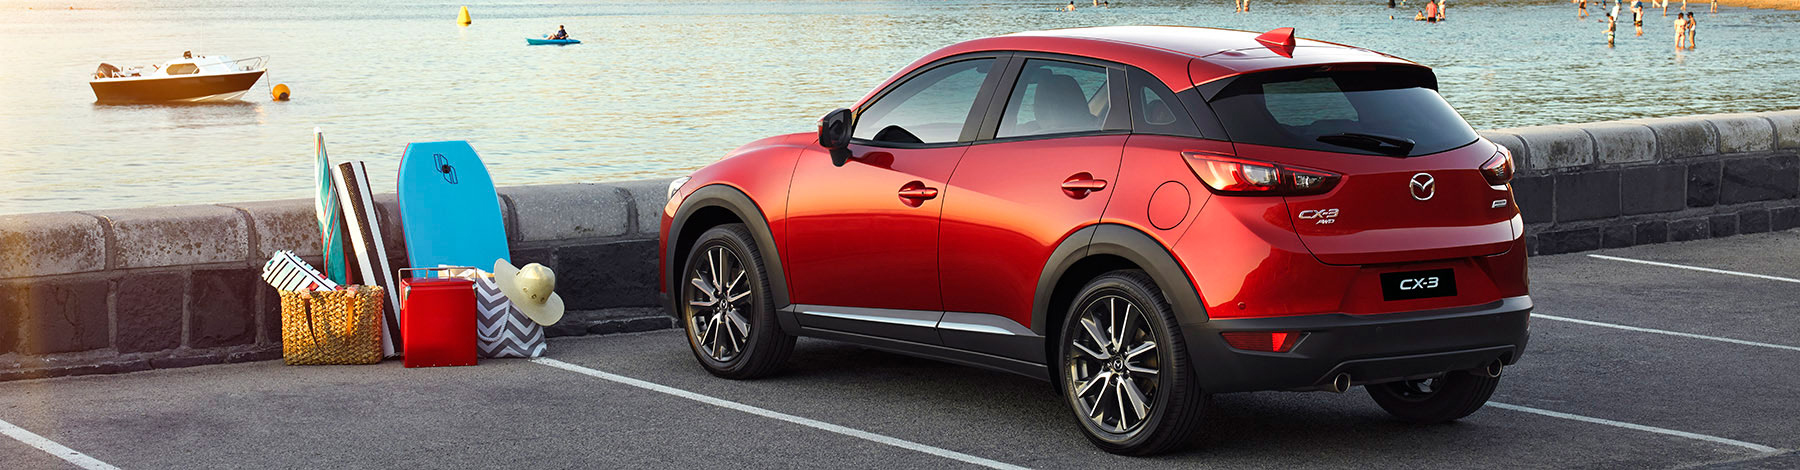 New Mazda Cx 3 For Sale In Hobart Dj Mazda